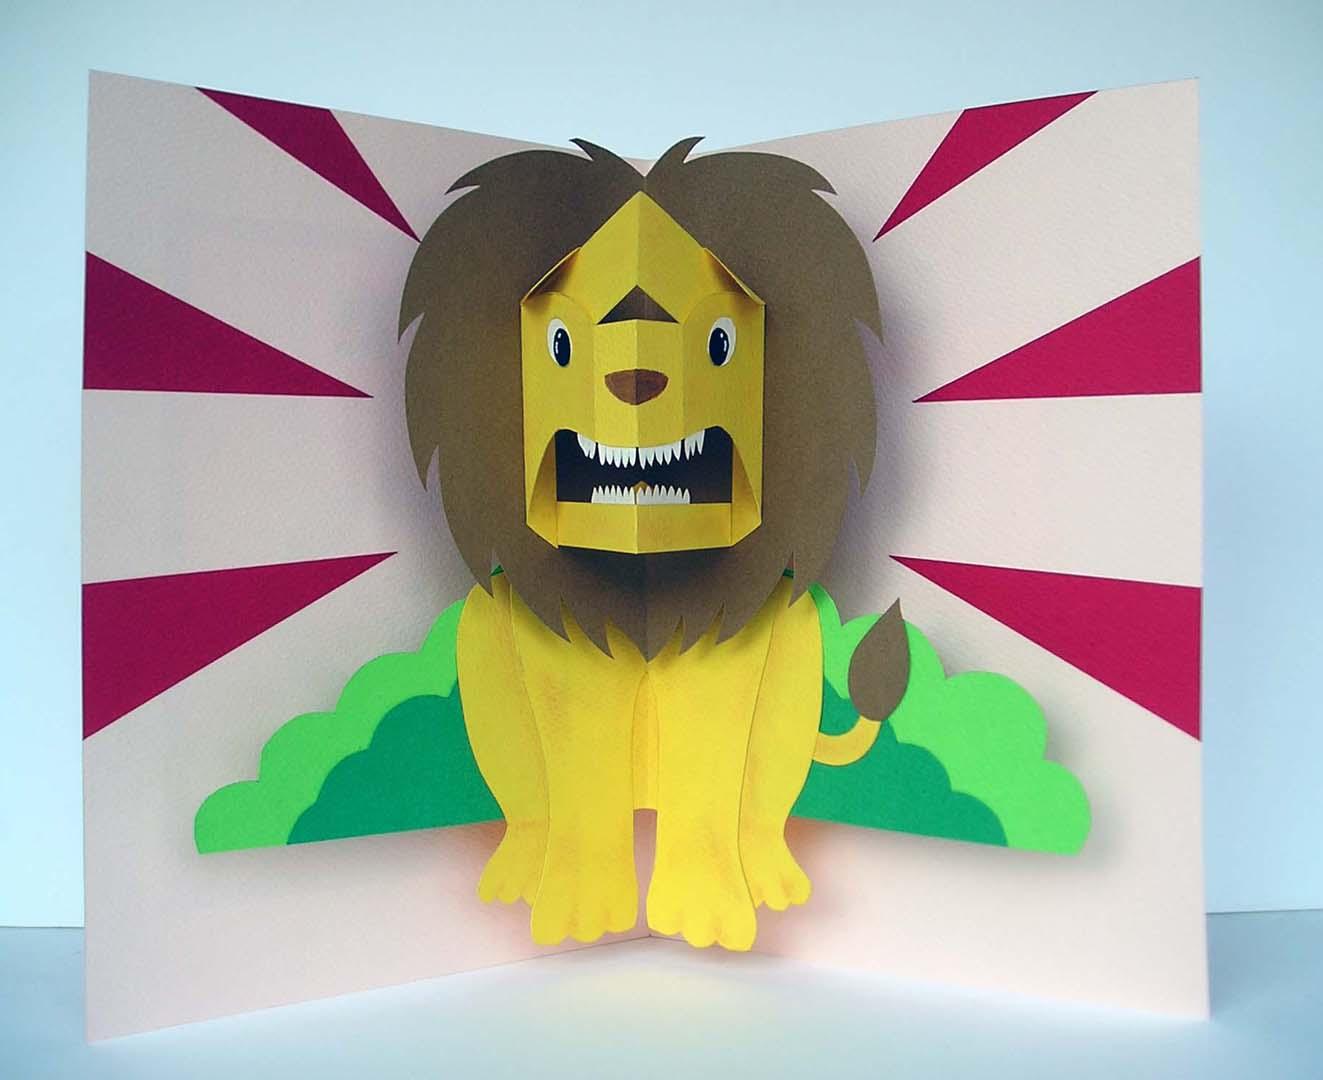 とびだすライオンくん1